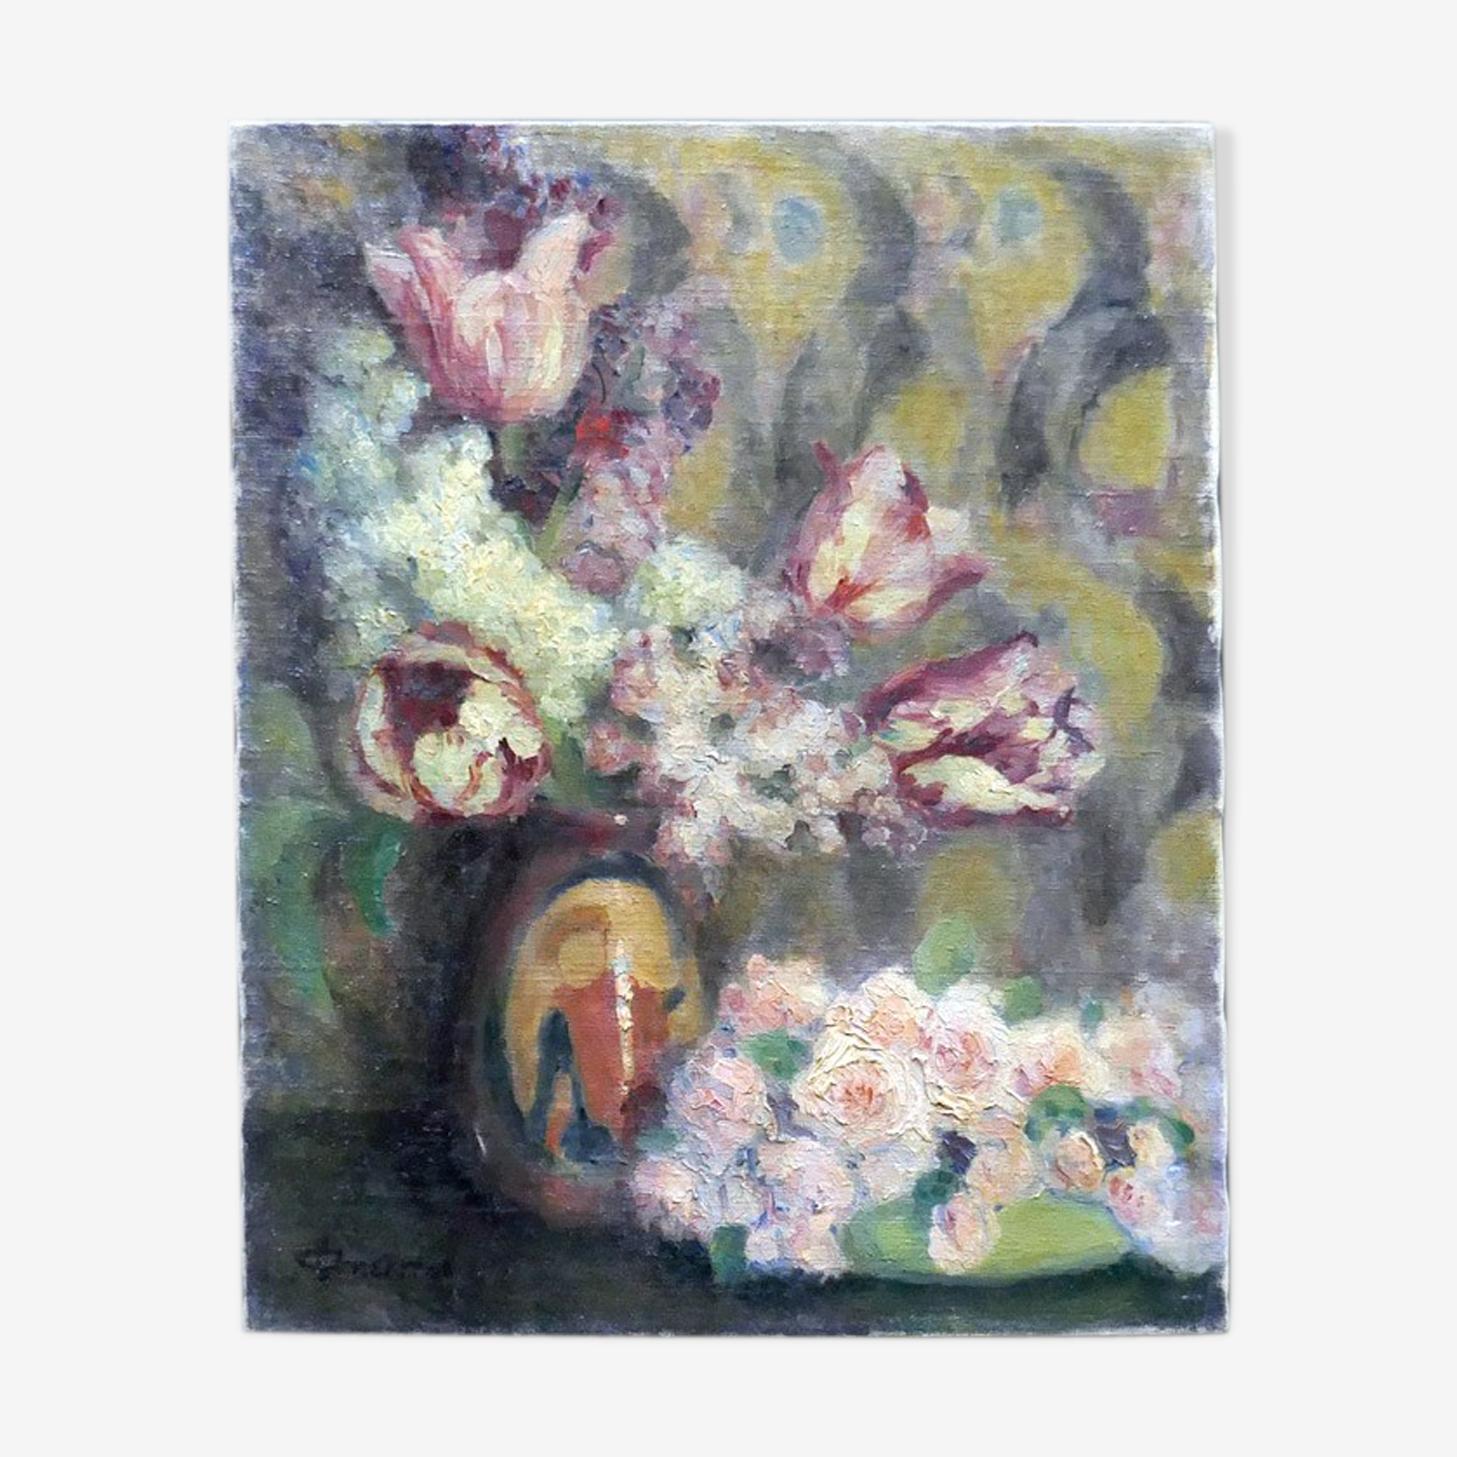 Tableau nature morte composition florale tulipes et roses années 30 signé G.Grenthe